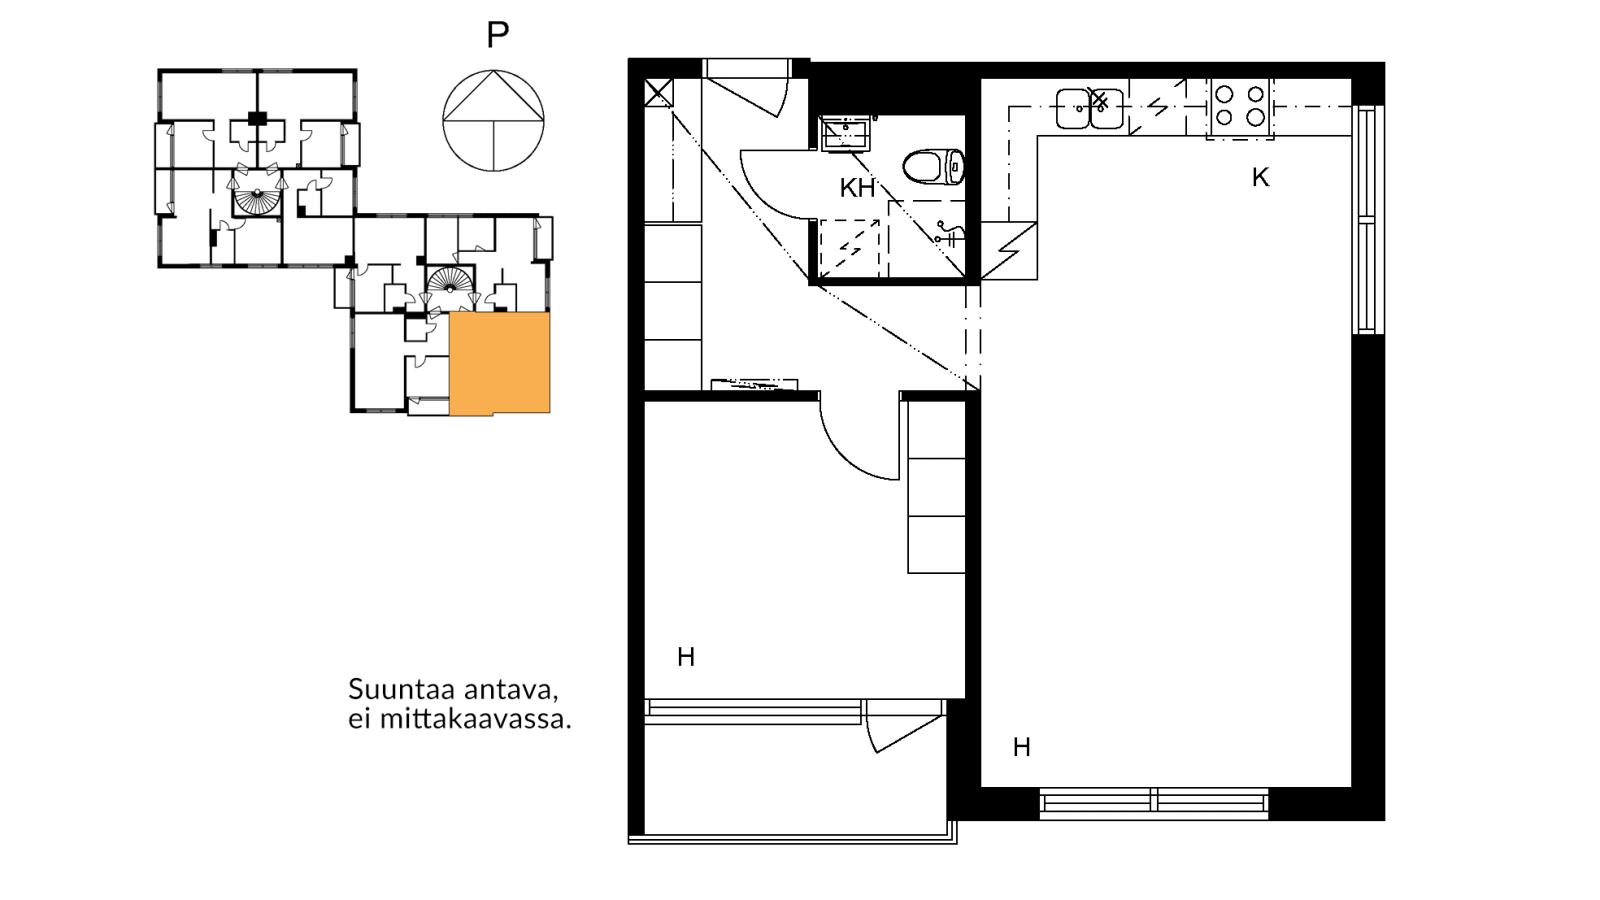 Helsinki, Pitäjänmäki, Piispantie 3